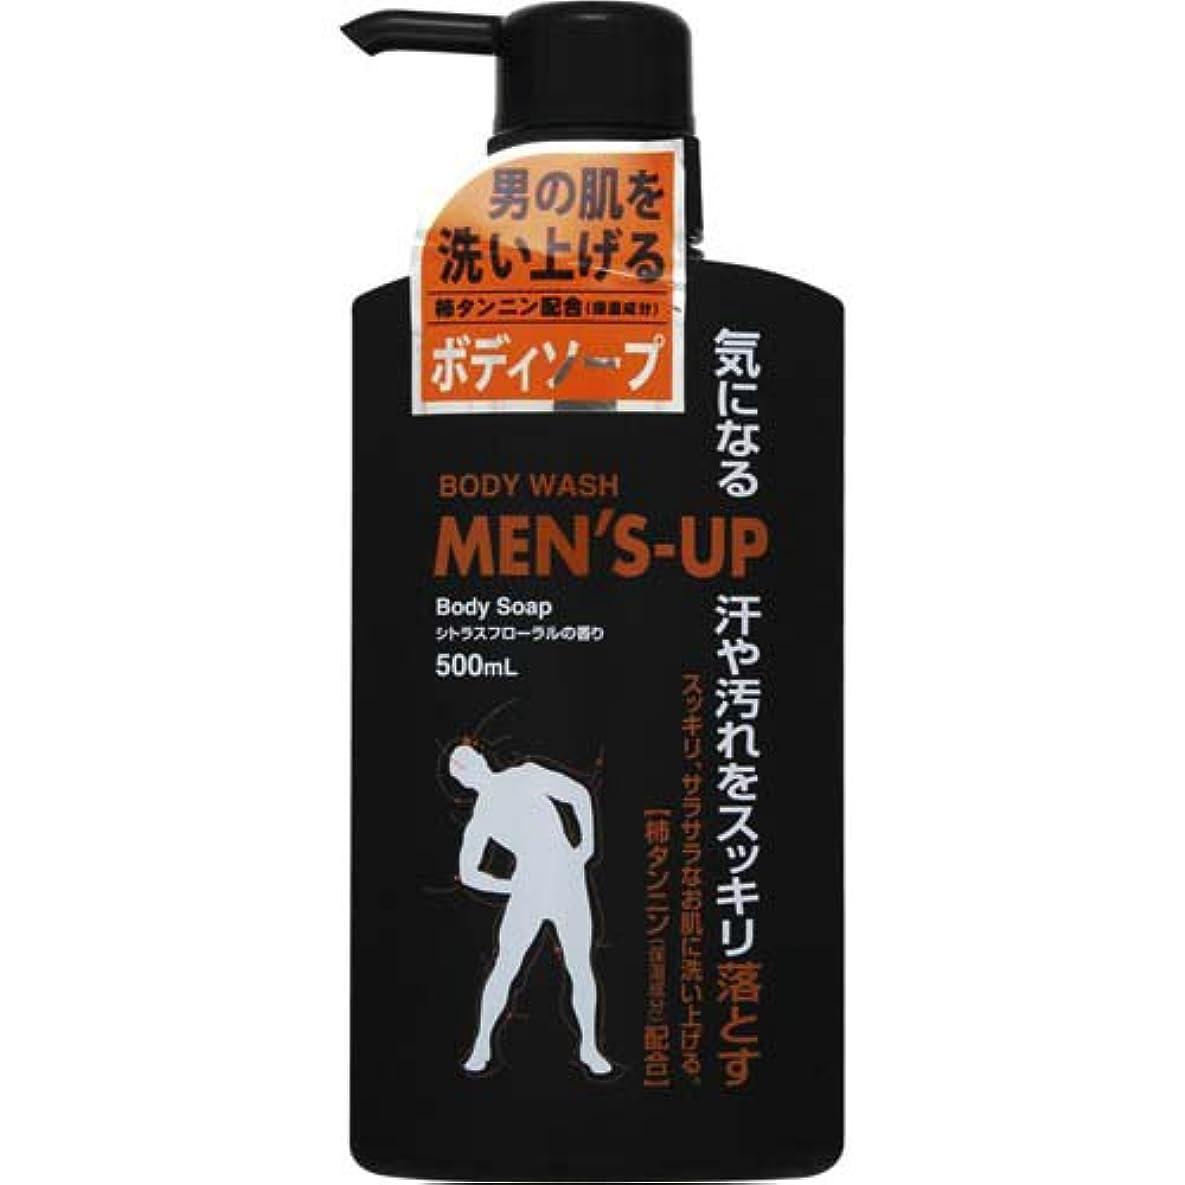 エイリアンばか格納MEN'S-UP(メンズアップ) ボディーソープ 本体 500ml